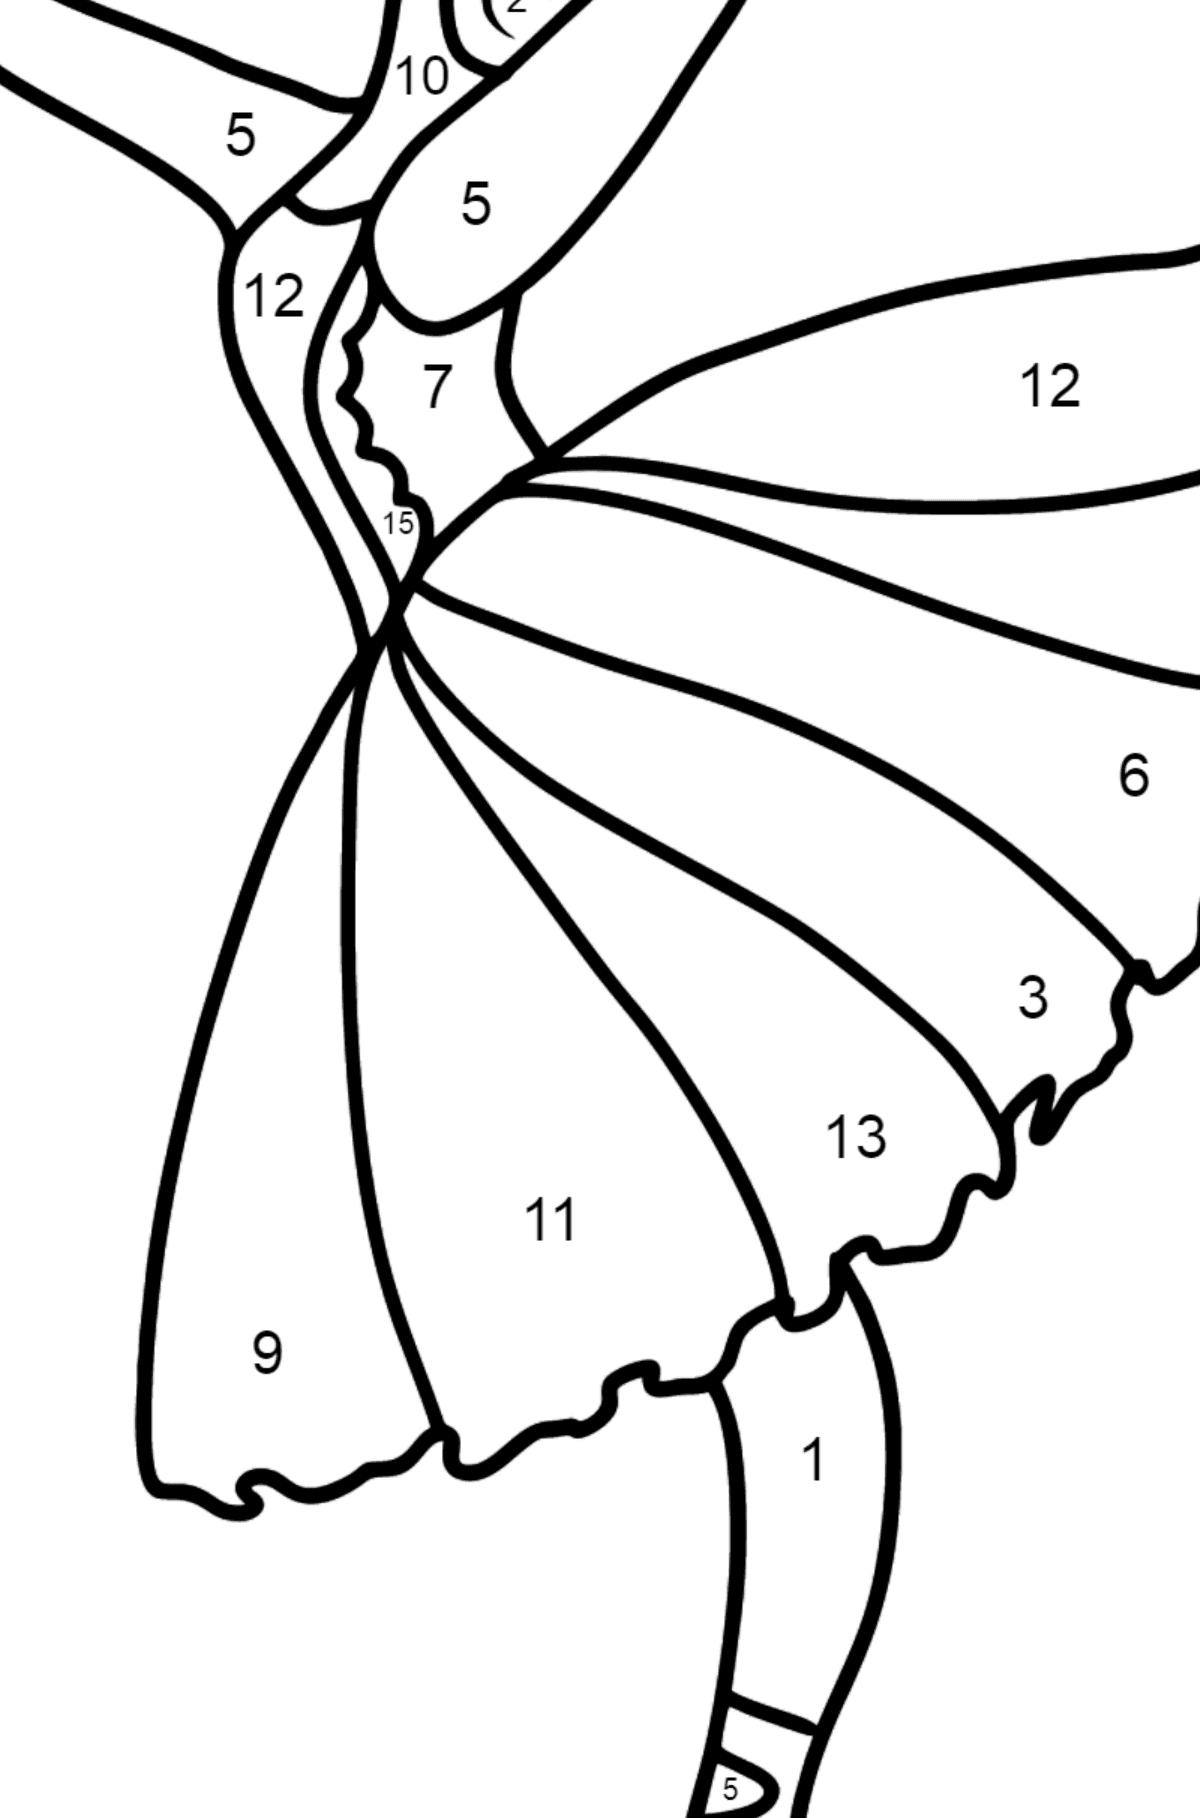 Dibujo para colorear - Bella bailarina - Colorear por Números para Niños